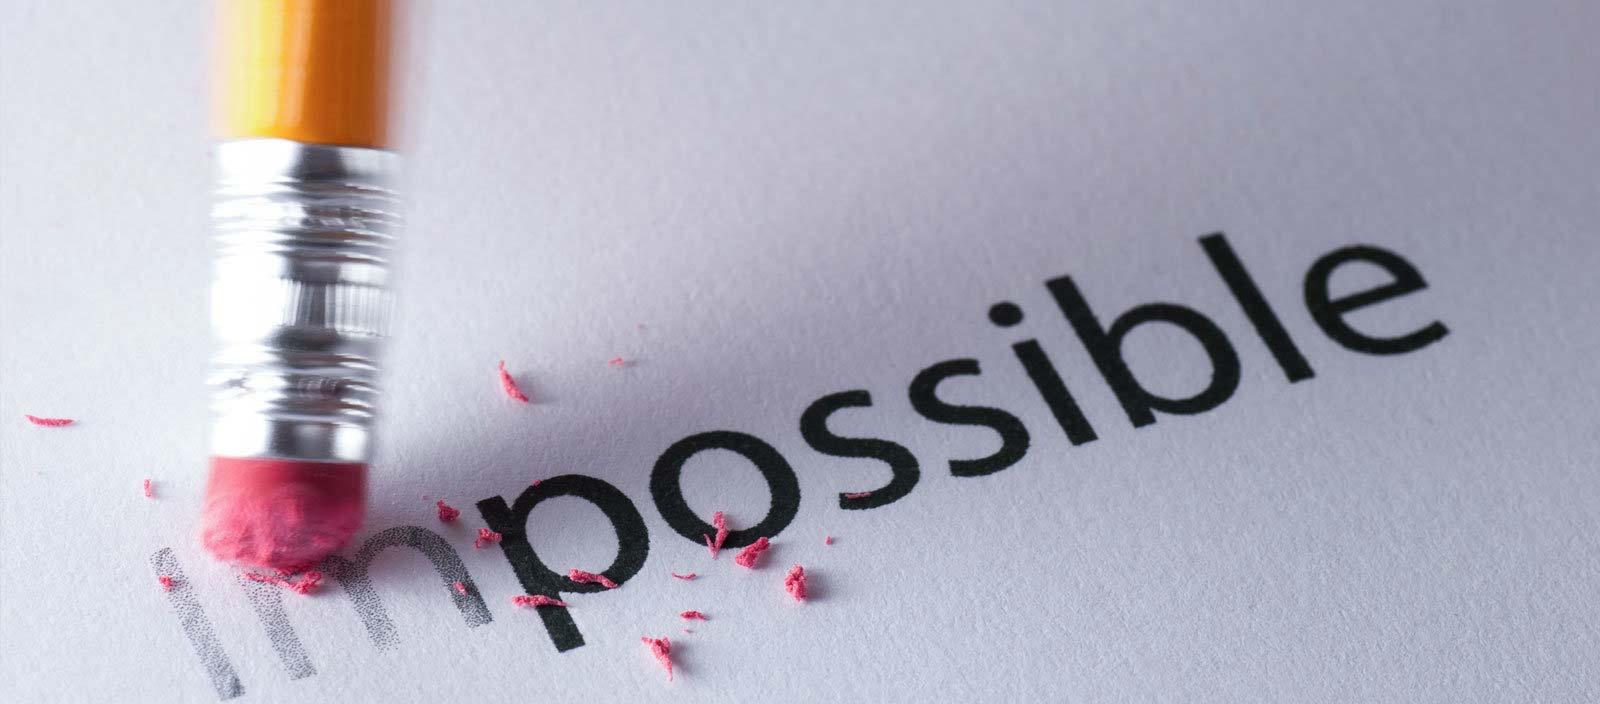 Come pianificare e raggiungere gli obiettivi? Richard Bolstad Risponde